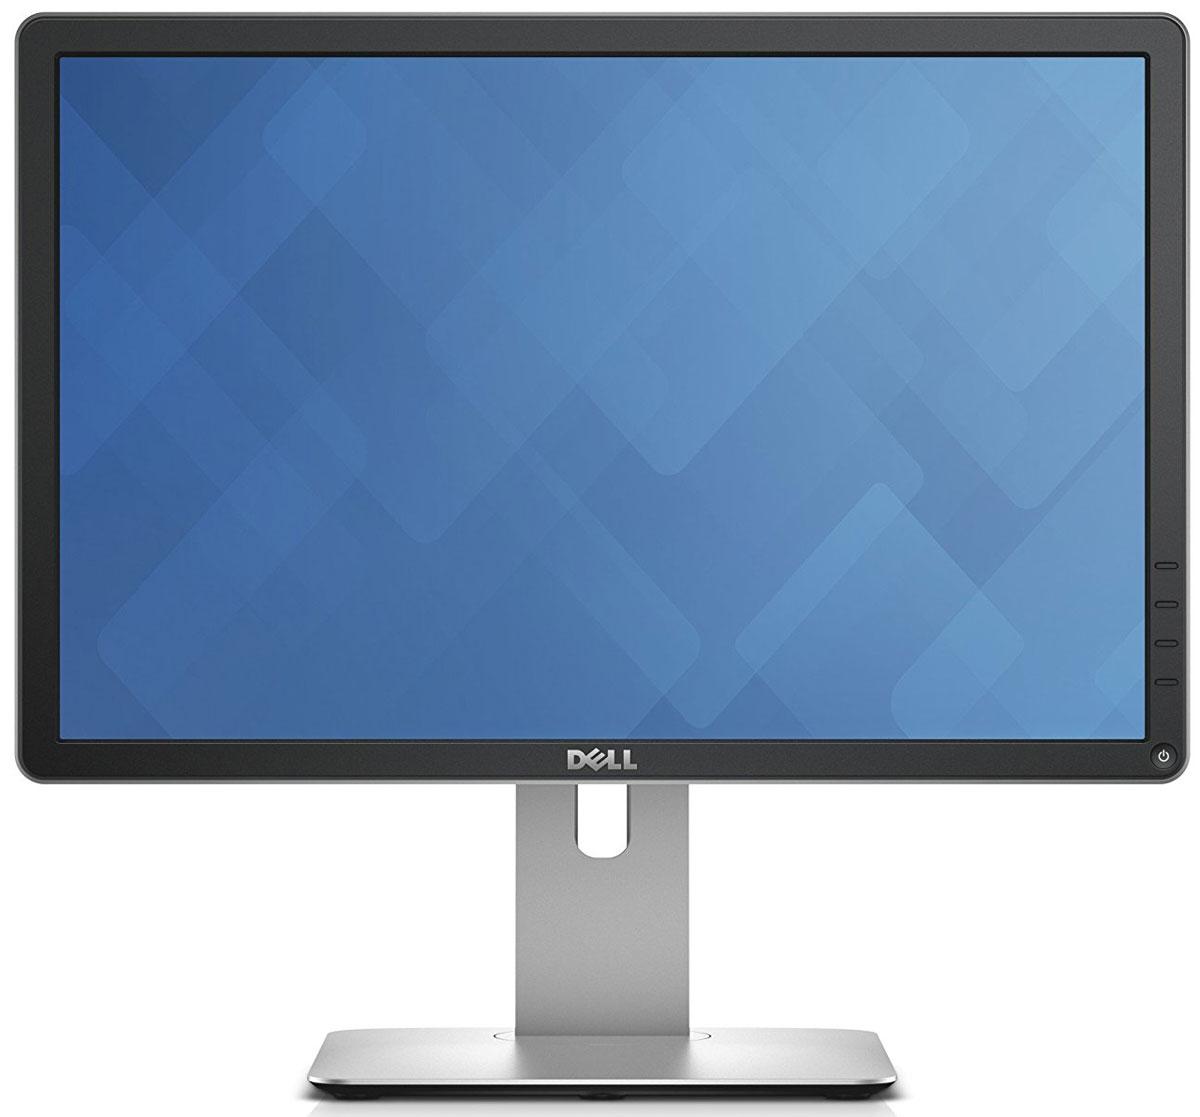 Dell P2016, Black монитор2016-1897Оптимизация совместной работы и просмотра специальных приложений благодаря надежному монитору Dell P2016 сширокими возможностями регулировки положения, с широким углом обзора и соотношением сторон 16:10.Оцените больший размер экрана: удобная работа на 19,5-дюймовом экране с соотношением сторон 16:10,предоставляющем на 4,79% больше активной области просмотра по сравнению с 19-дюймовым экраном ссоотношением сторон 16:10.Совместная работа на одном экране: сверхширокий угол обзора 178°/178° обеспечивает четкость изображенияи согласованную цветопередачу для вас и тех, кто смотрит на экран рядом с вами.Дополнительные возможности пользовательских приложений: если в вашем офисе используются приложения,поддерживающие соотношение сторон 16:10, на 20-дюймовом мониторе Dell P2016 эти приложения будутотображаться именно так, как было задумано, обеспечивая повышение производительности в офисе.Широкий возможности регулировки положения: удобство в работе благодаря возможности наклона, поворота вгоризонтальной и вертикальной плоскостях и регулировки высоты.Простая интеграция: порт VGA позволяет легко подключать дисплей к компьютерам старых моделей.Цифровые возможности подключения: подключение к компьютерам с помощью разъема DisplayPort 1.2 или квнешней клавиатуре, мыши или жесткому диску с помощью двух портов USB 2.0.Экологически безопасная конструкция: 20-дюймовый монитор Dell изготовлен без использования ПВХ ибромсодержащего антипирена (за исключением кабелей), а его панель не содержит мышьяка и ртути. Помимоэтого, более 25% материалов, используемых для производства его корпуса, составляют переработанныеотходы потребления. Монитор также соответствует новейшим нормативным и экологическим стандартам, в томчисле ENERGY STAR, EPEAT Gold, CEL и TCO Certified Displays.